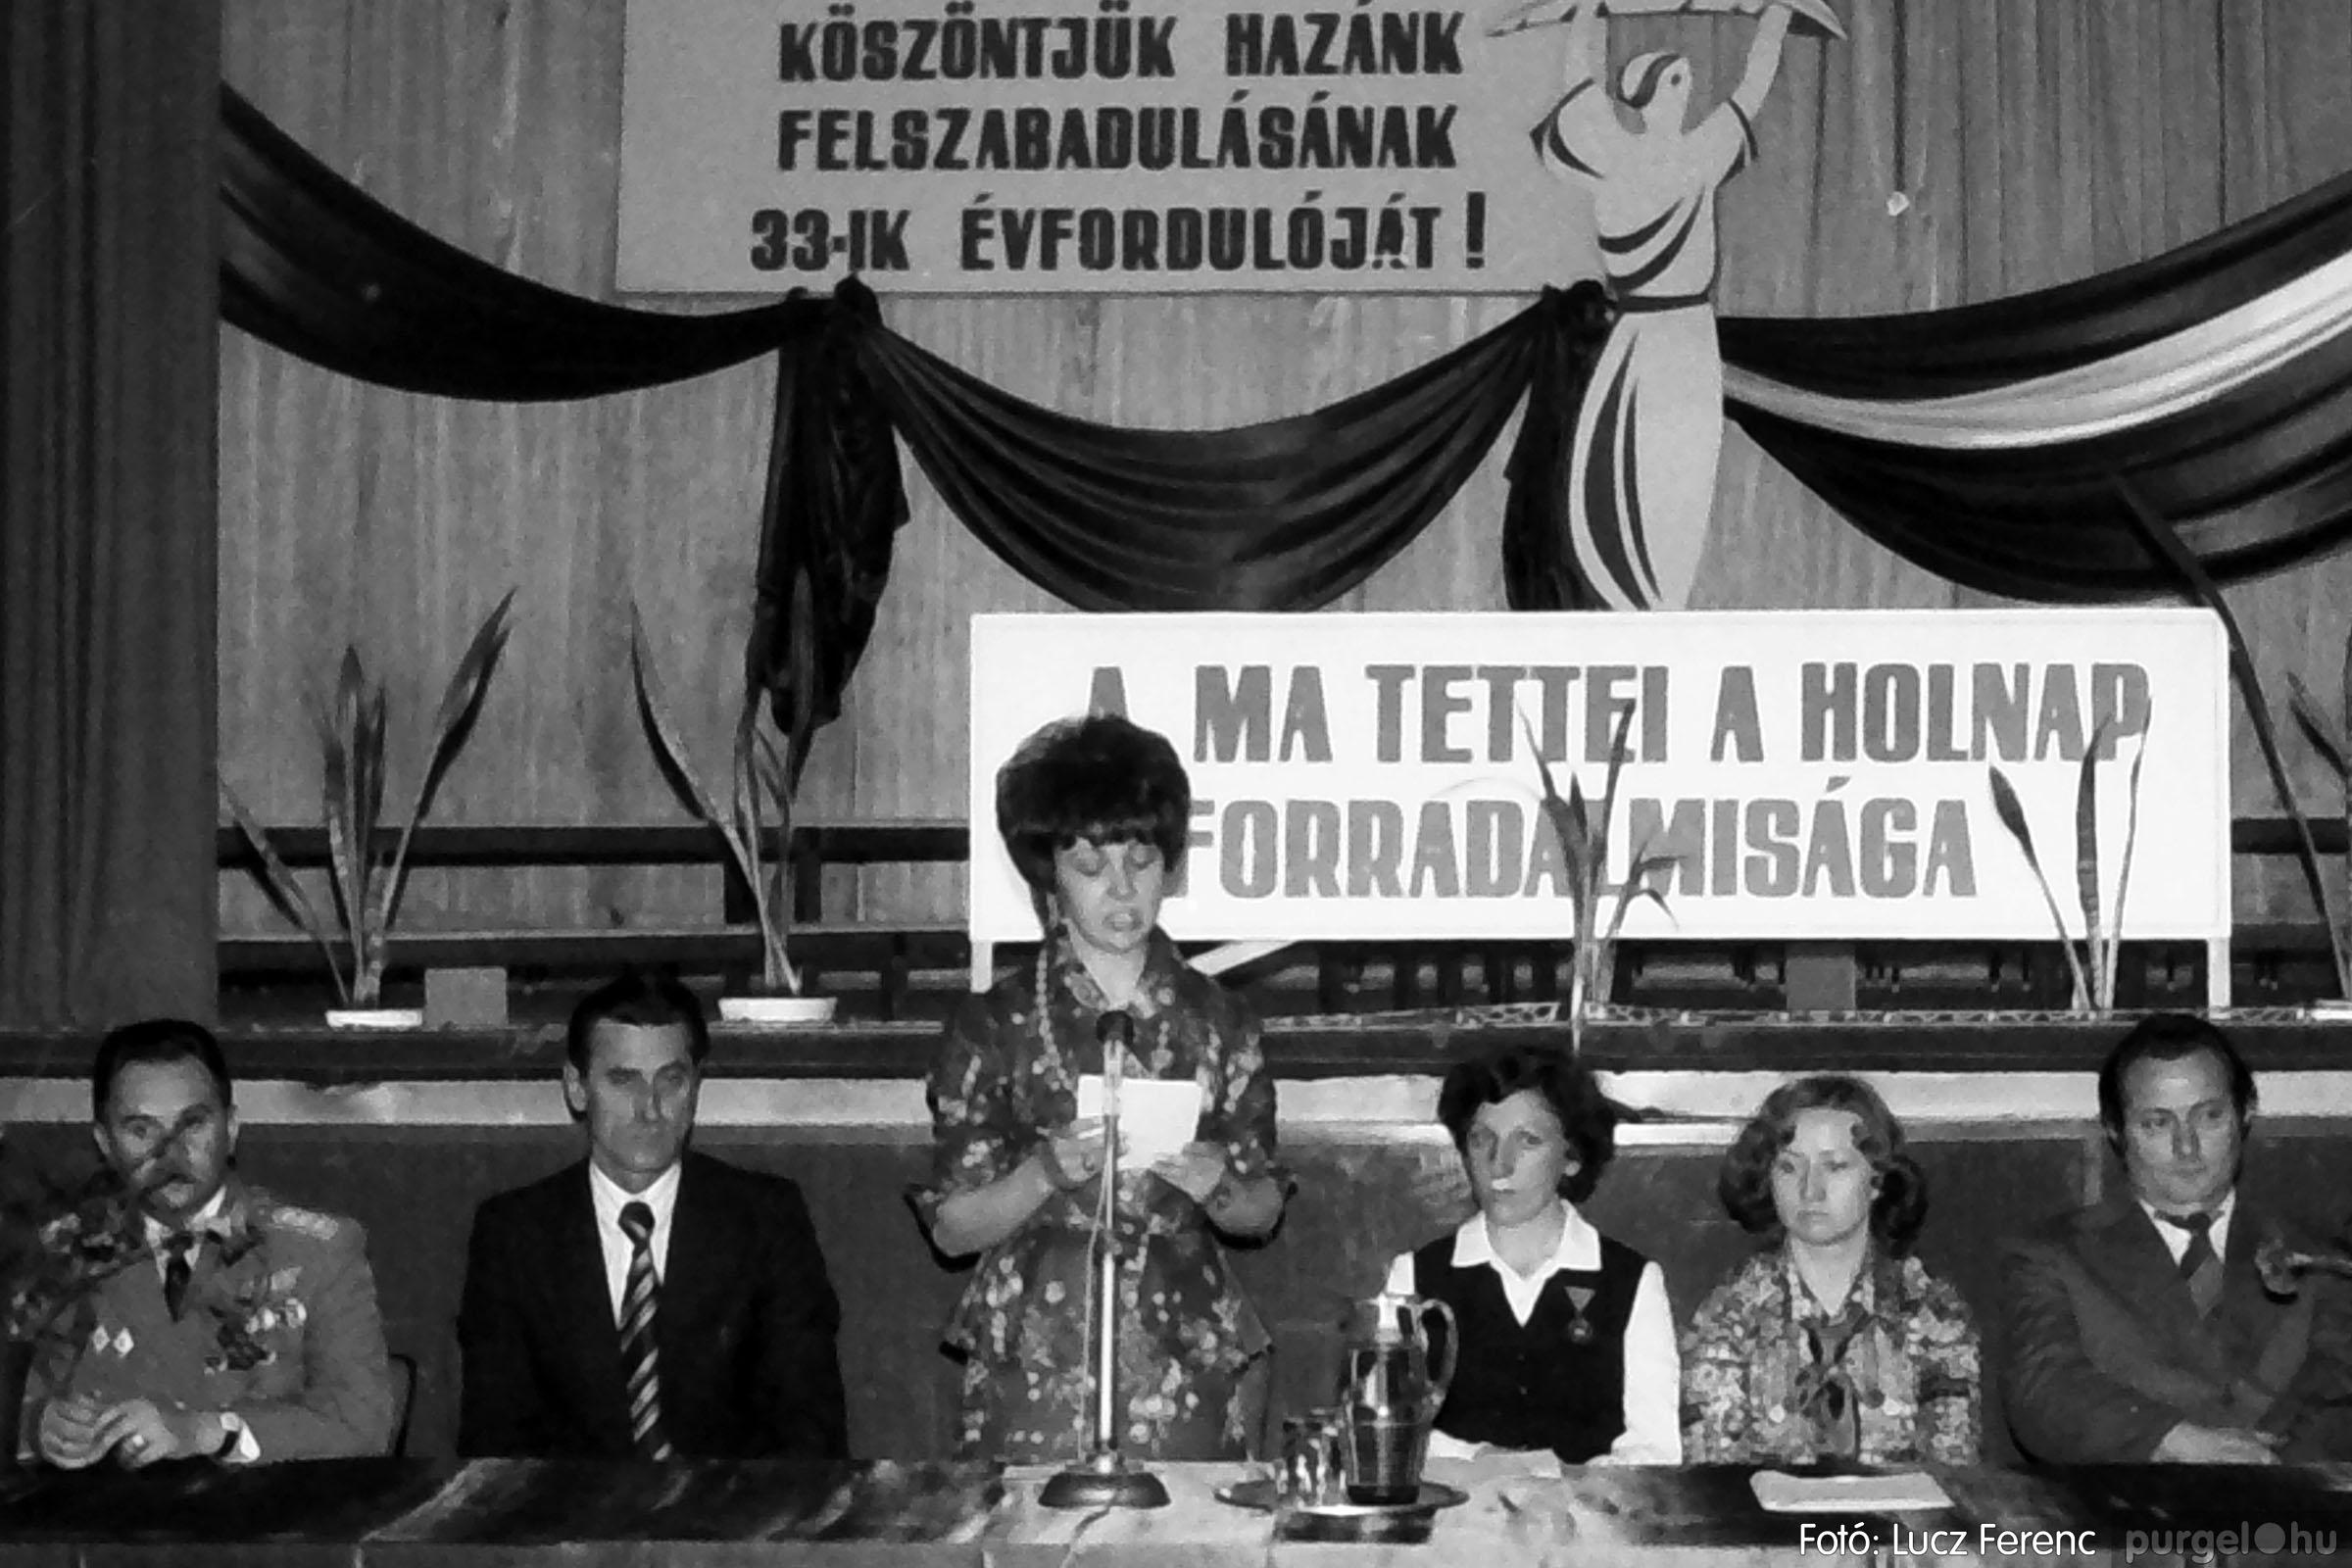 109. 1978. Április 4-i ünnepségek 025. - Fotó: Lucz Ferenc.jpg